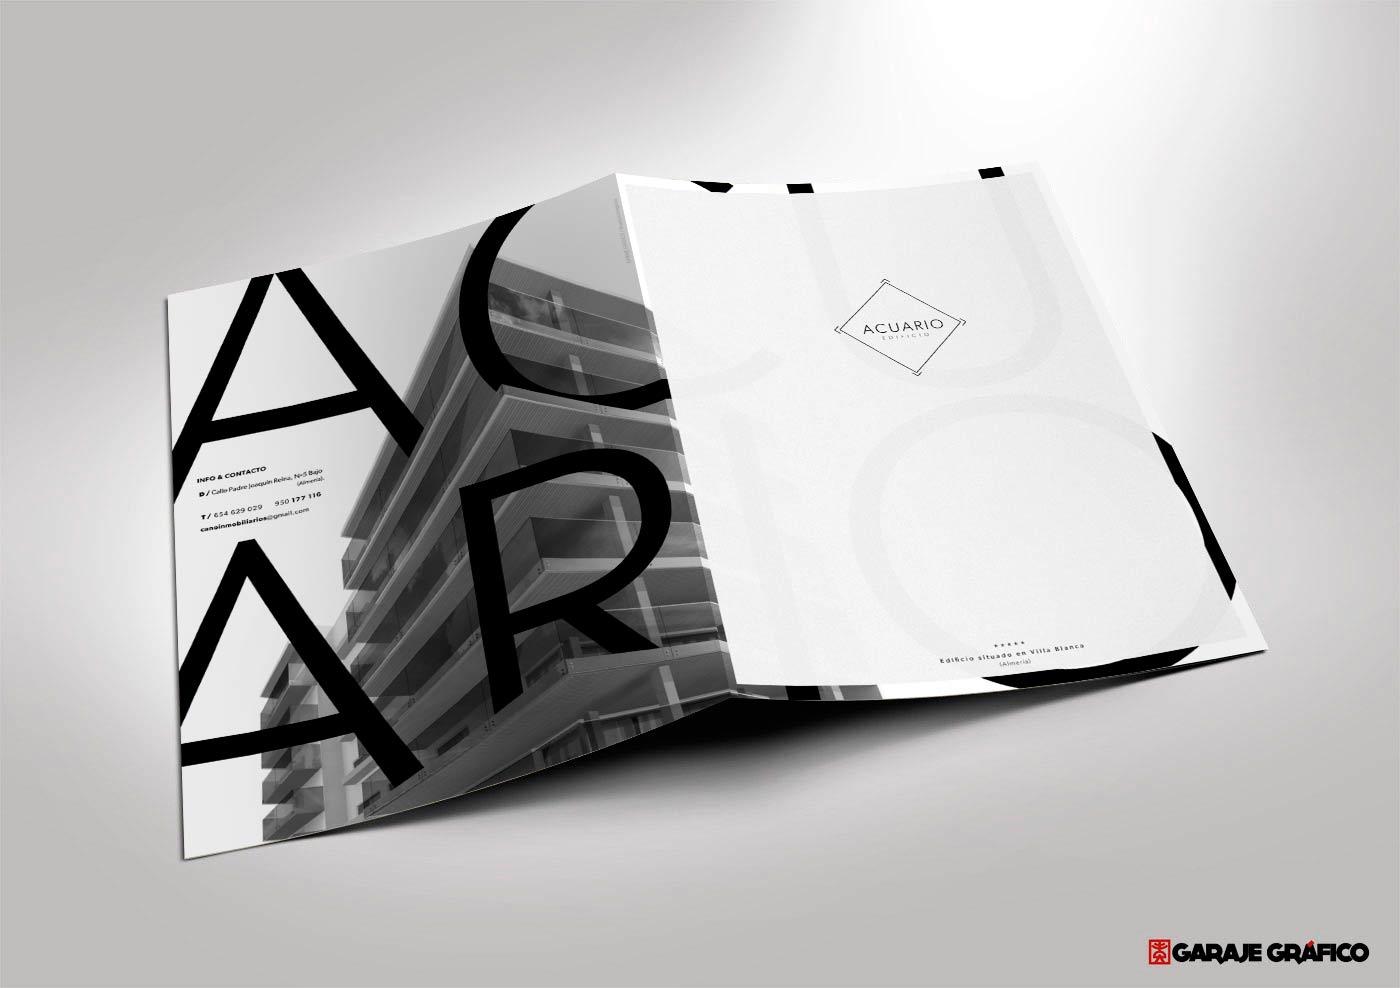 carpeta_exterior_optdiseño gráfico Almería, identidad corporativa, papelería corporativa, diseño web, diseño gráfico, decoración interior y exterior, asesoramiento de imágen, renders, matte painting, 3d, exterior e interior decoración